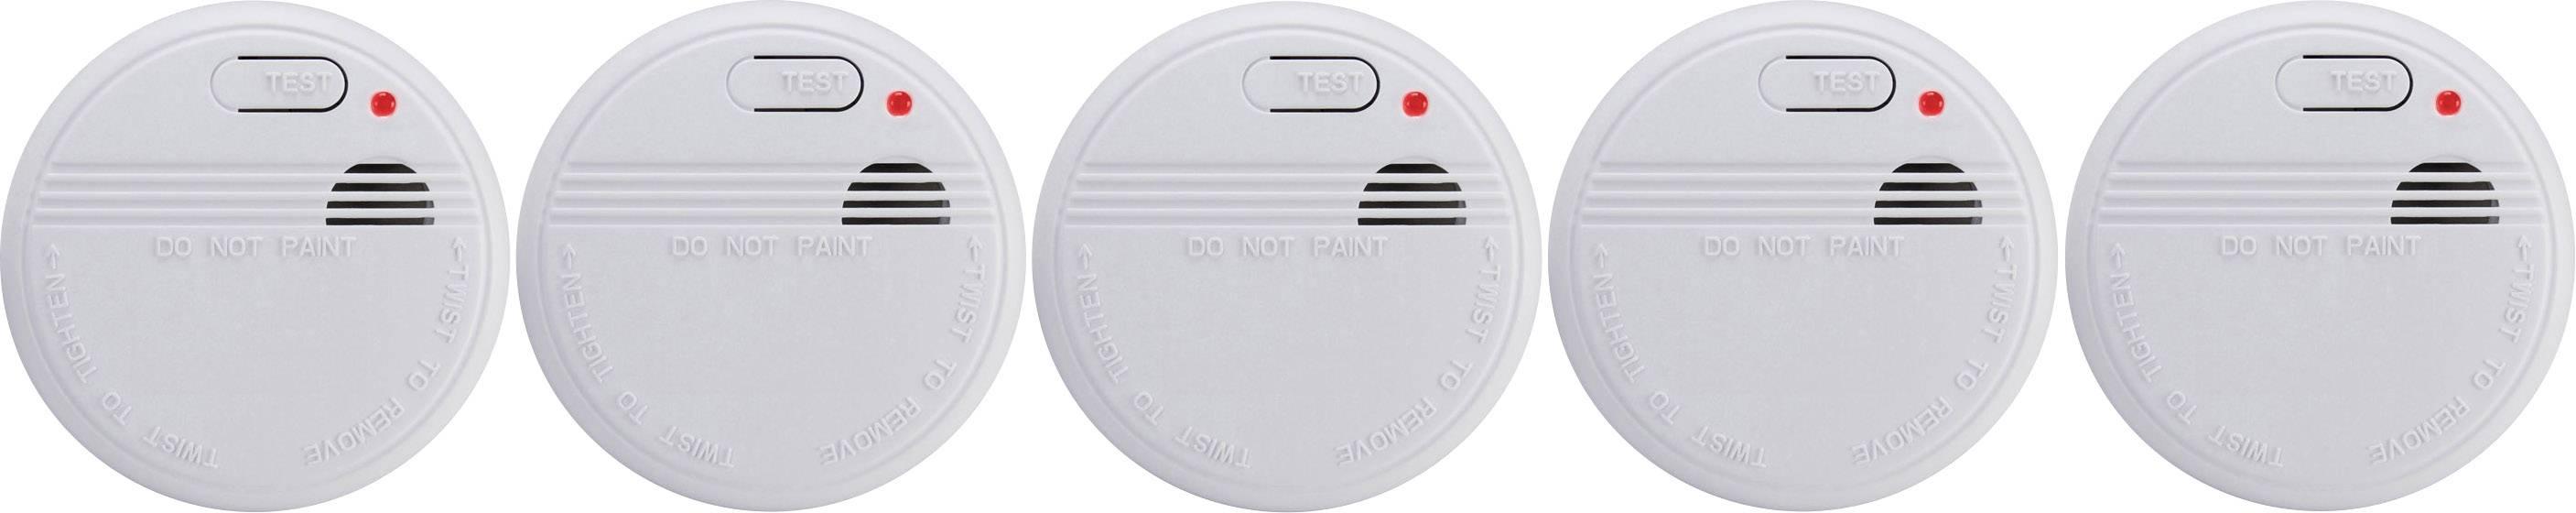 Detektor dymu Basetech na batérie, sada 5 ks